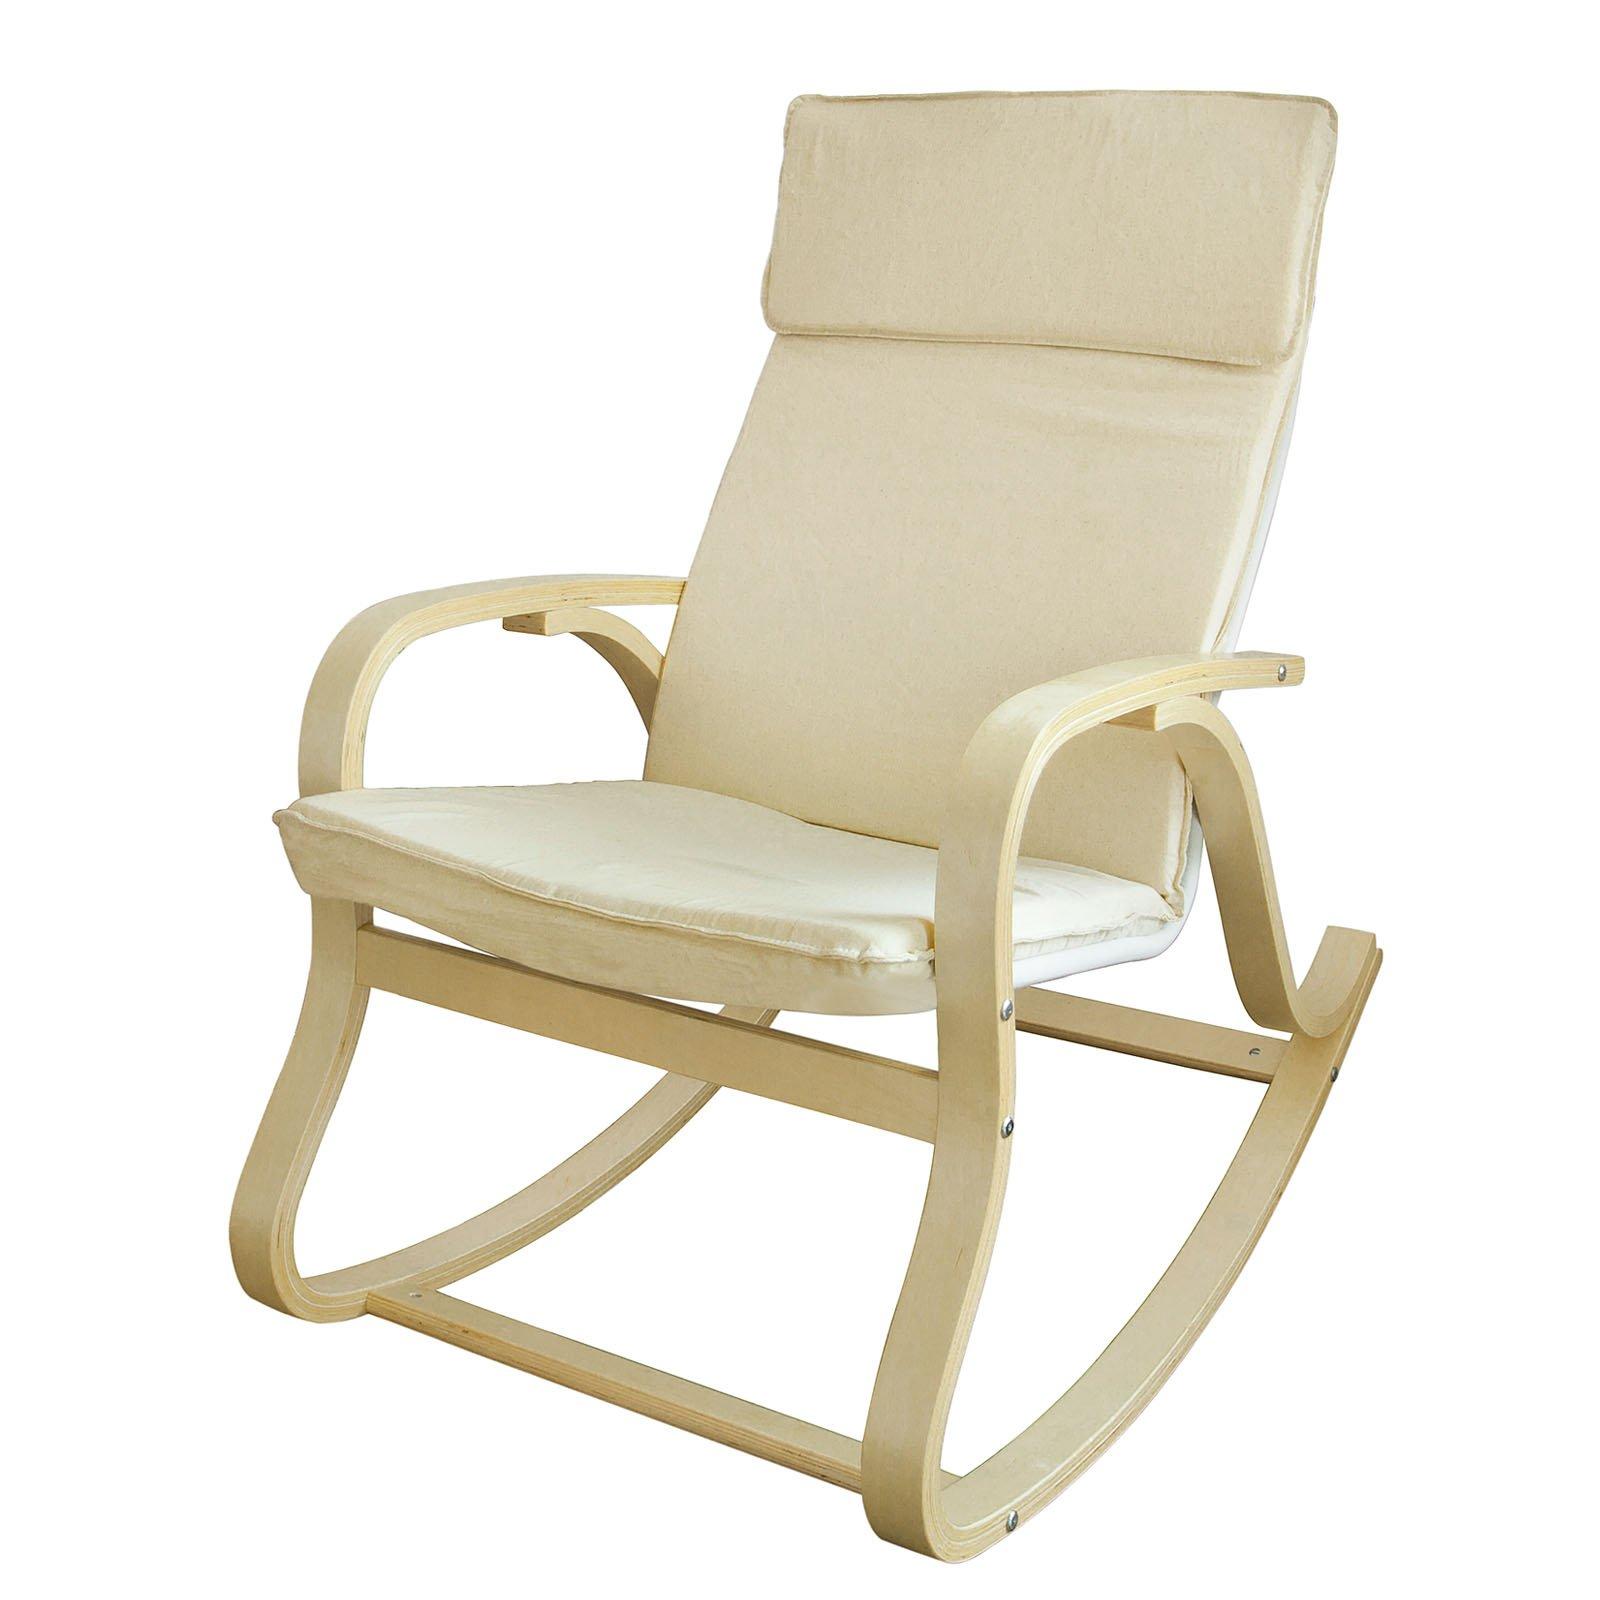 SoBuy® Silla de relada, mecedora, sillón de relada, beige, FST15-